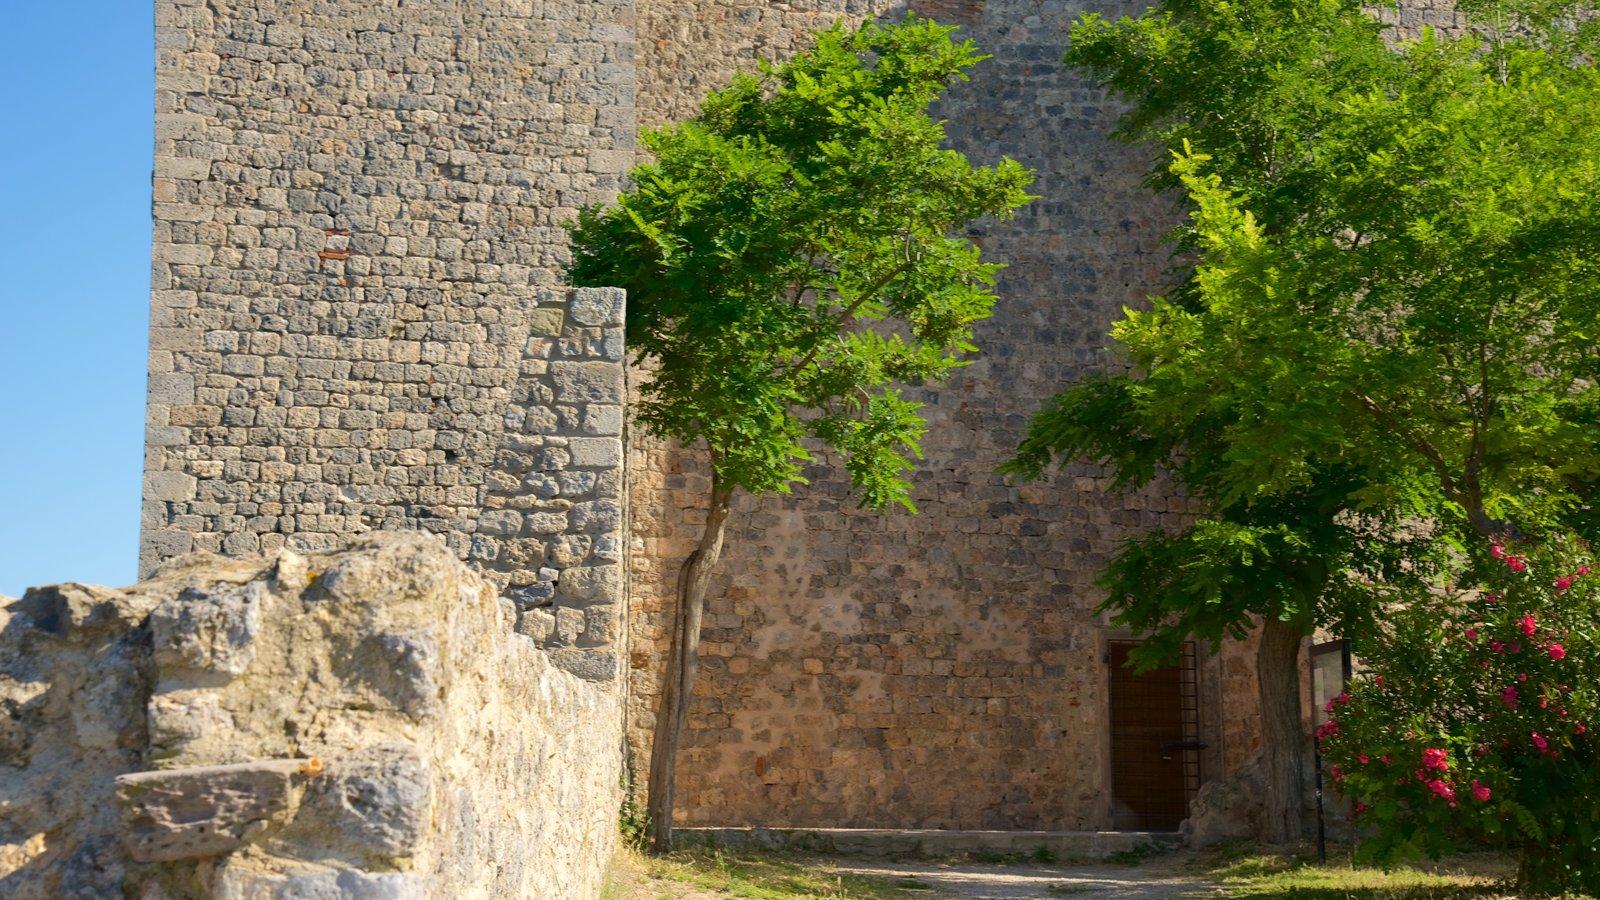 Talamone que inclui um pequeno castelo ou palácio